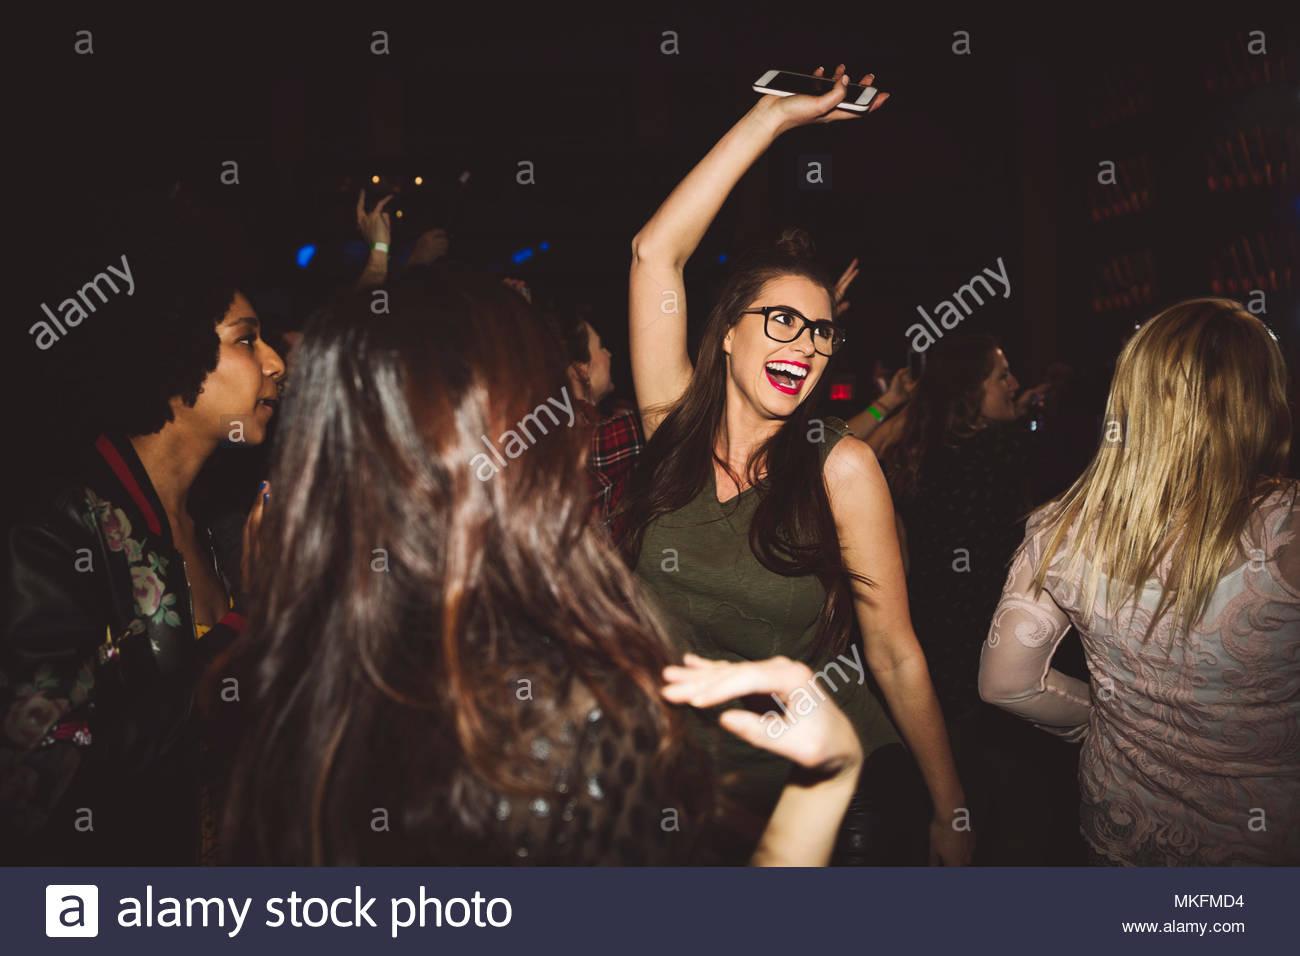 Feliz, la exuberante joven mujer milenario, la fiesta de baile en la discoteca Imagen De Stock